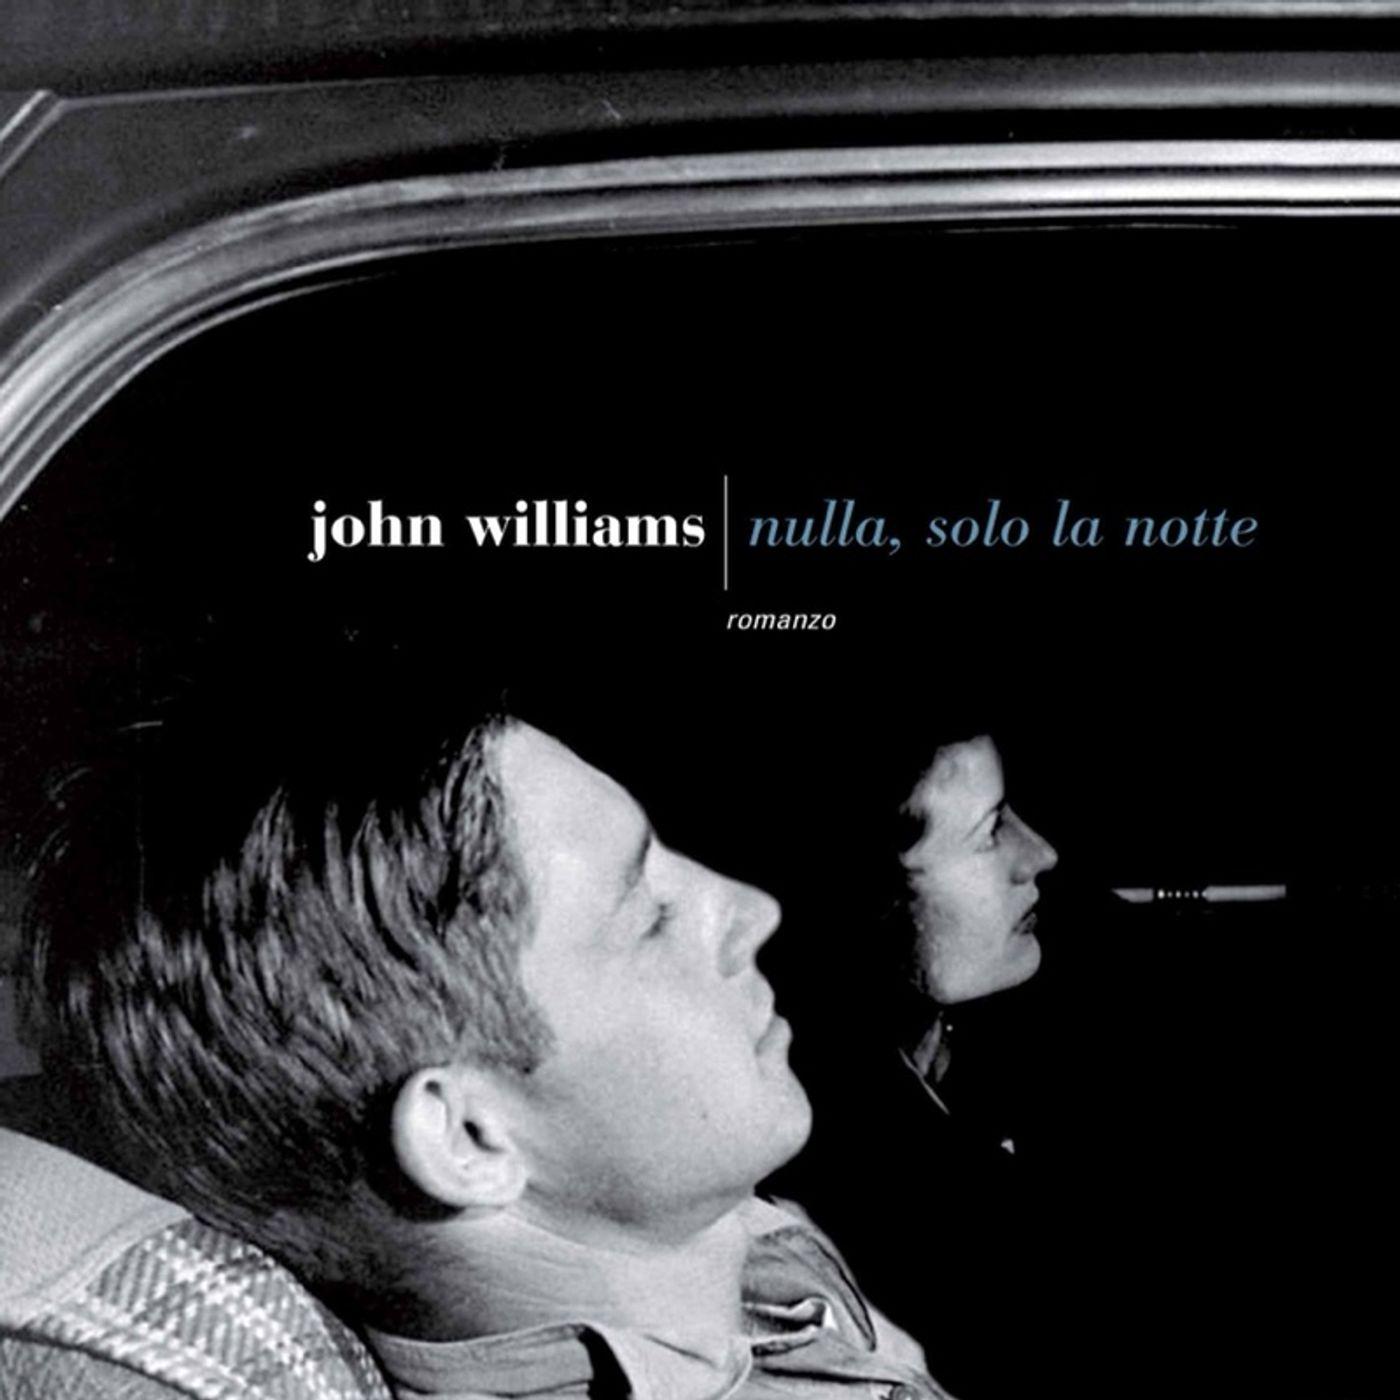 """Estratto da """"Nulla , solo la notte"""" di John Williams"""